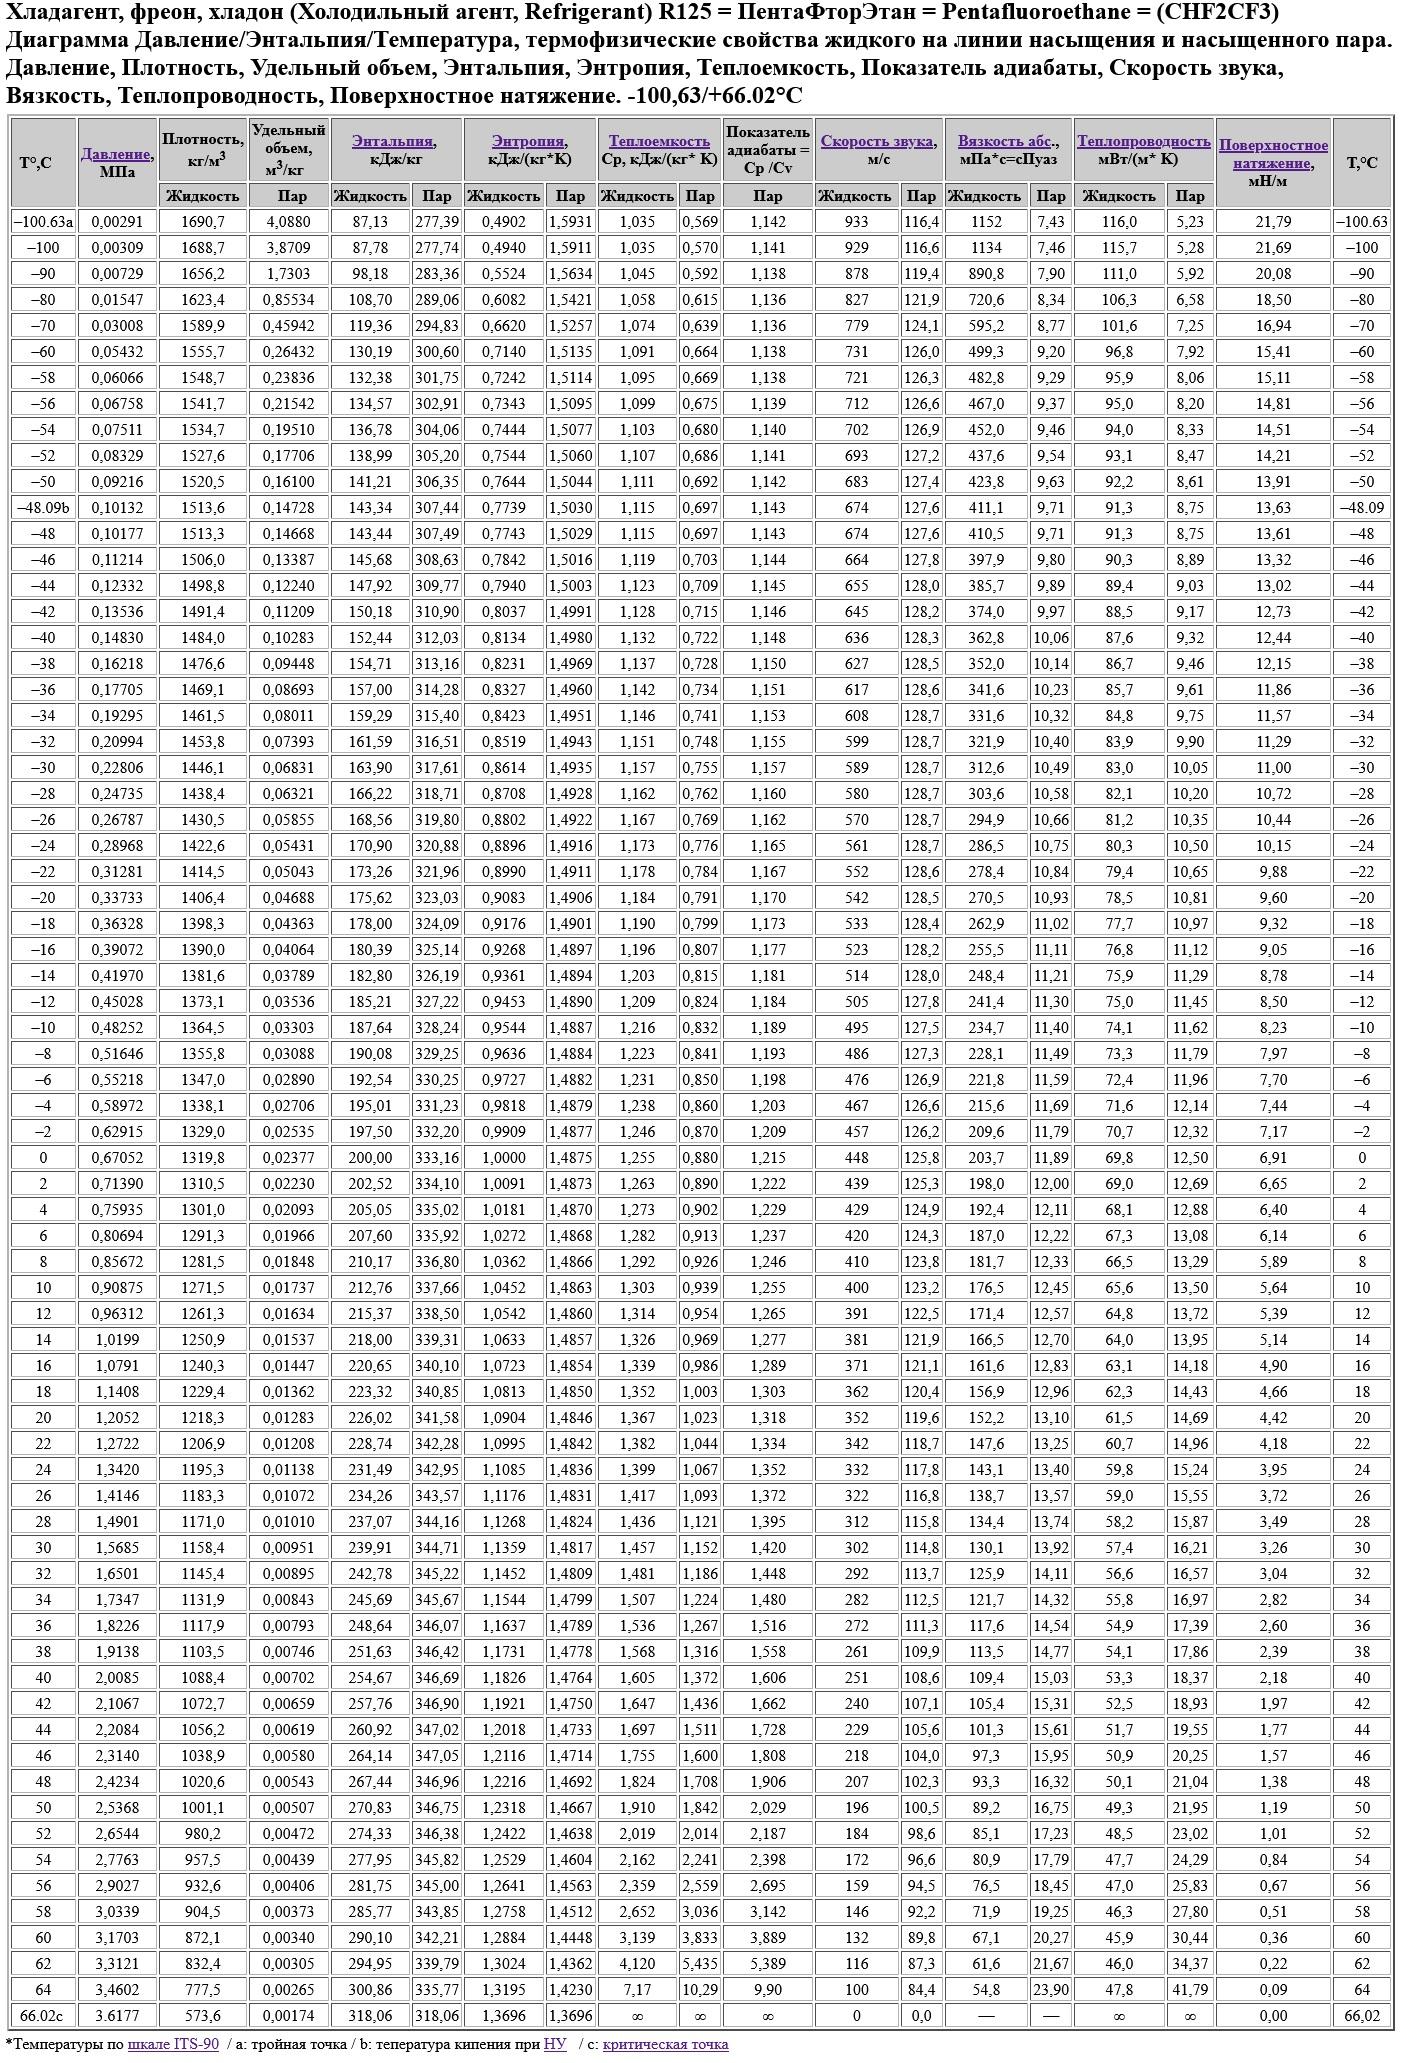 Хладагент, фреон, хладон (Холодильный агент, Refrigerant) R125 = ПентаФторЭтан = Pentafluoroethane = (CHF2CF3) Диаграмма Давление/Энтальпия/Температура, термофизические свойства жидкого на линии насыщения и насыщенного пара. Давление,Плотность, Удельный объем, Энтальпия,Энтропия, Теплоемкость, Показатель адиабаты, Скорость звука, Вязкость, Теплопроводность, Поверхностное натяжение. -100,63/+66.02°C